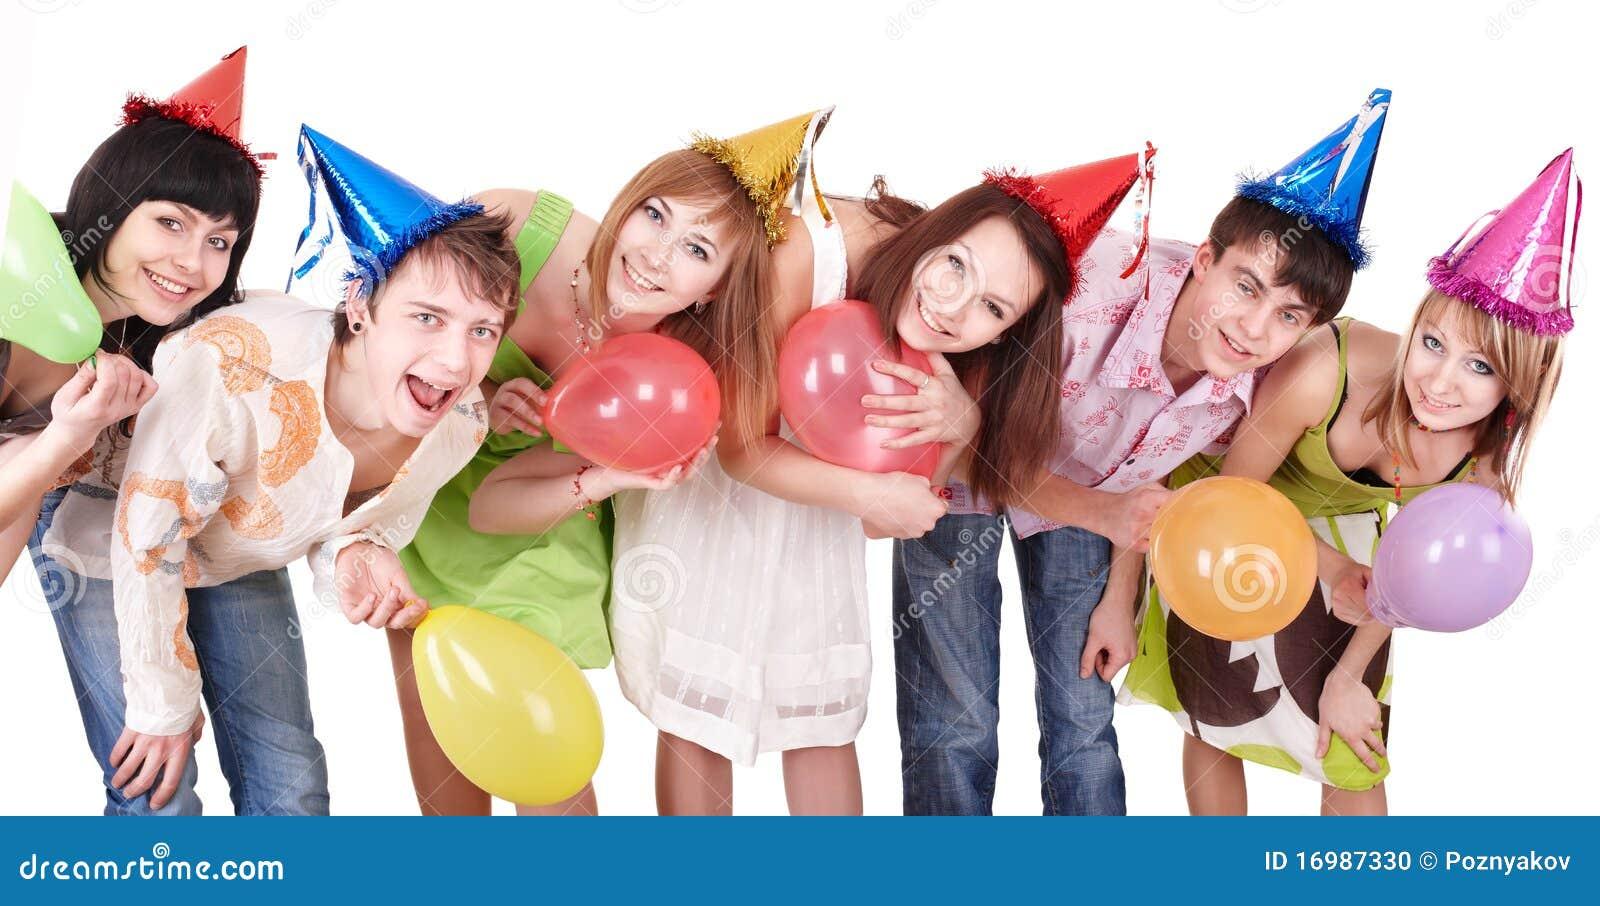 Födelsedagen firar grupptonåringar